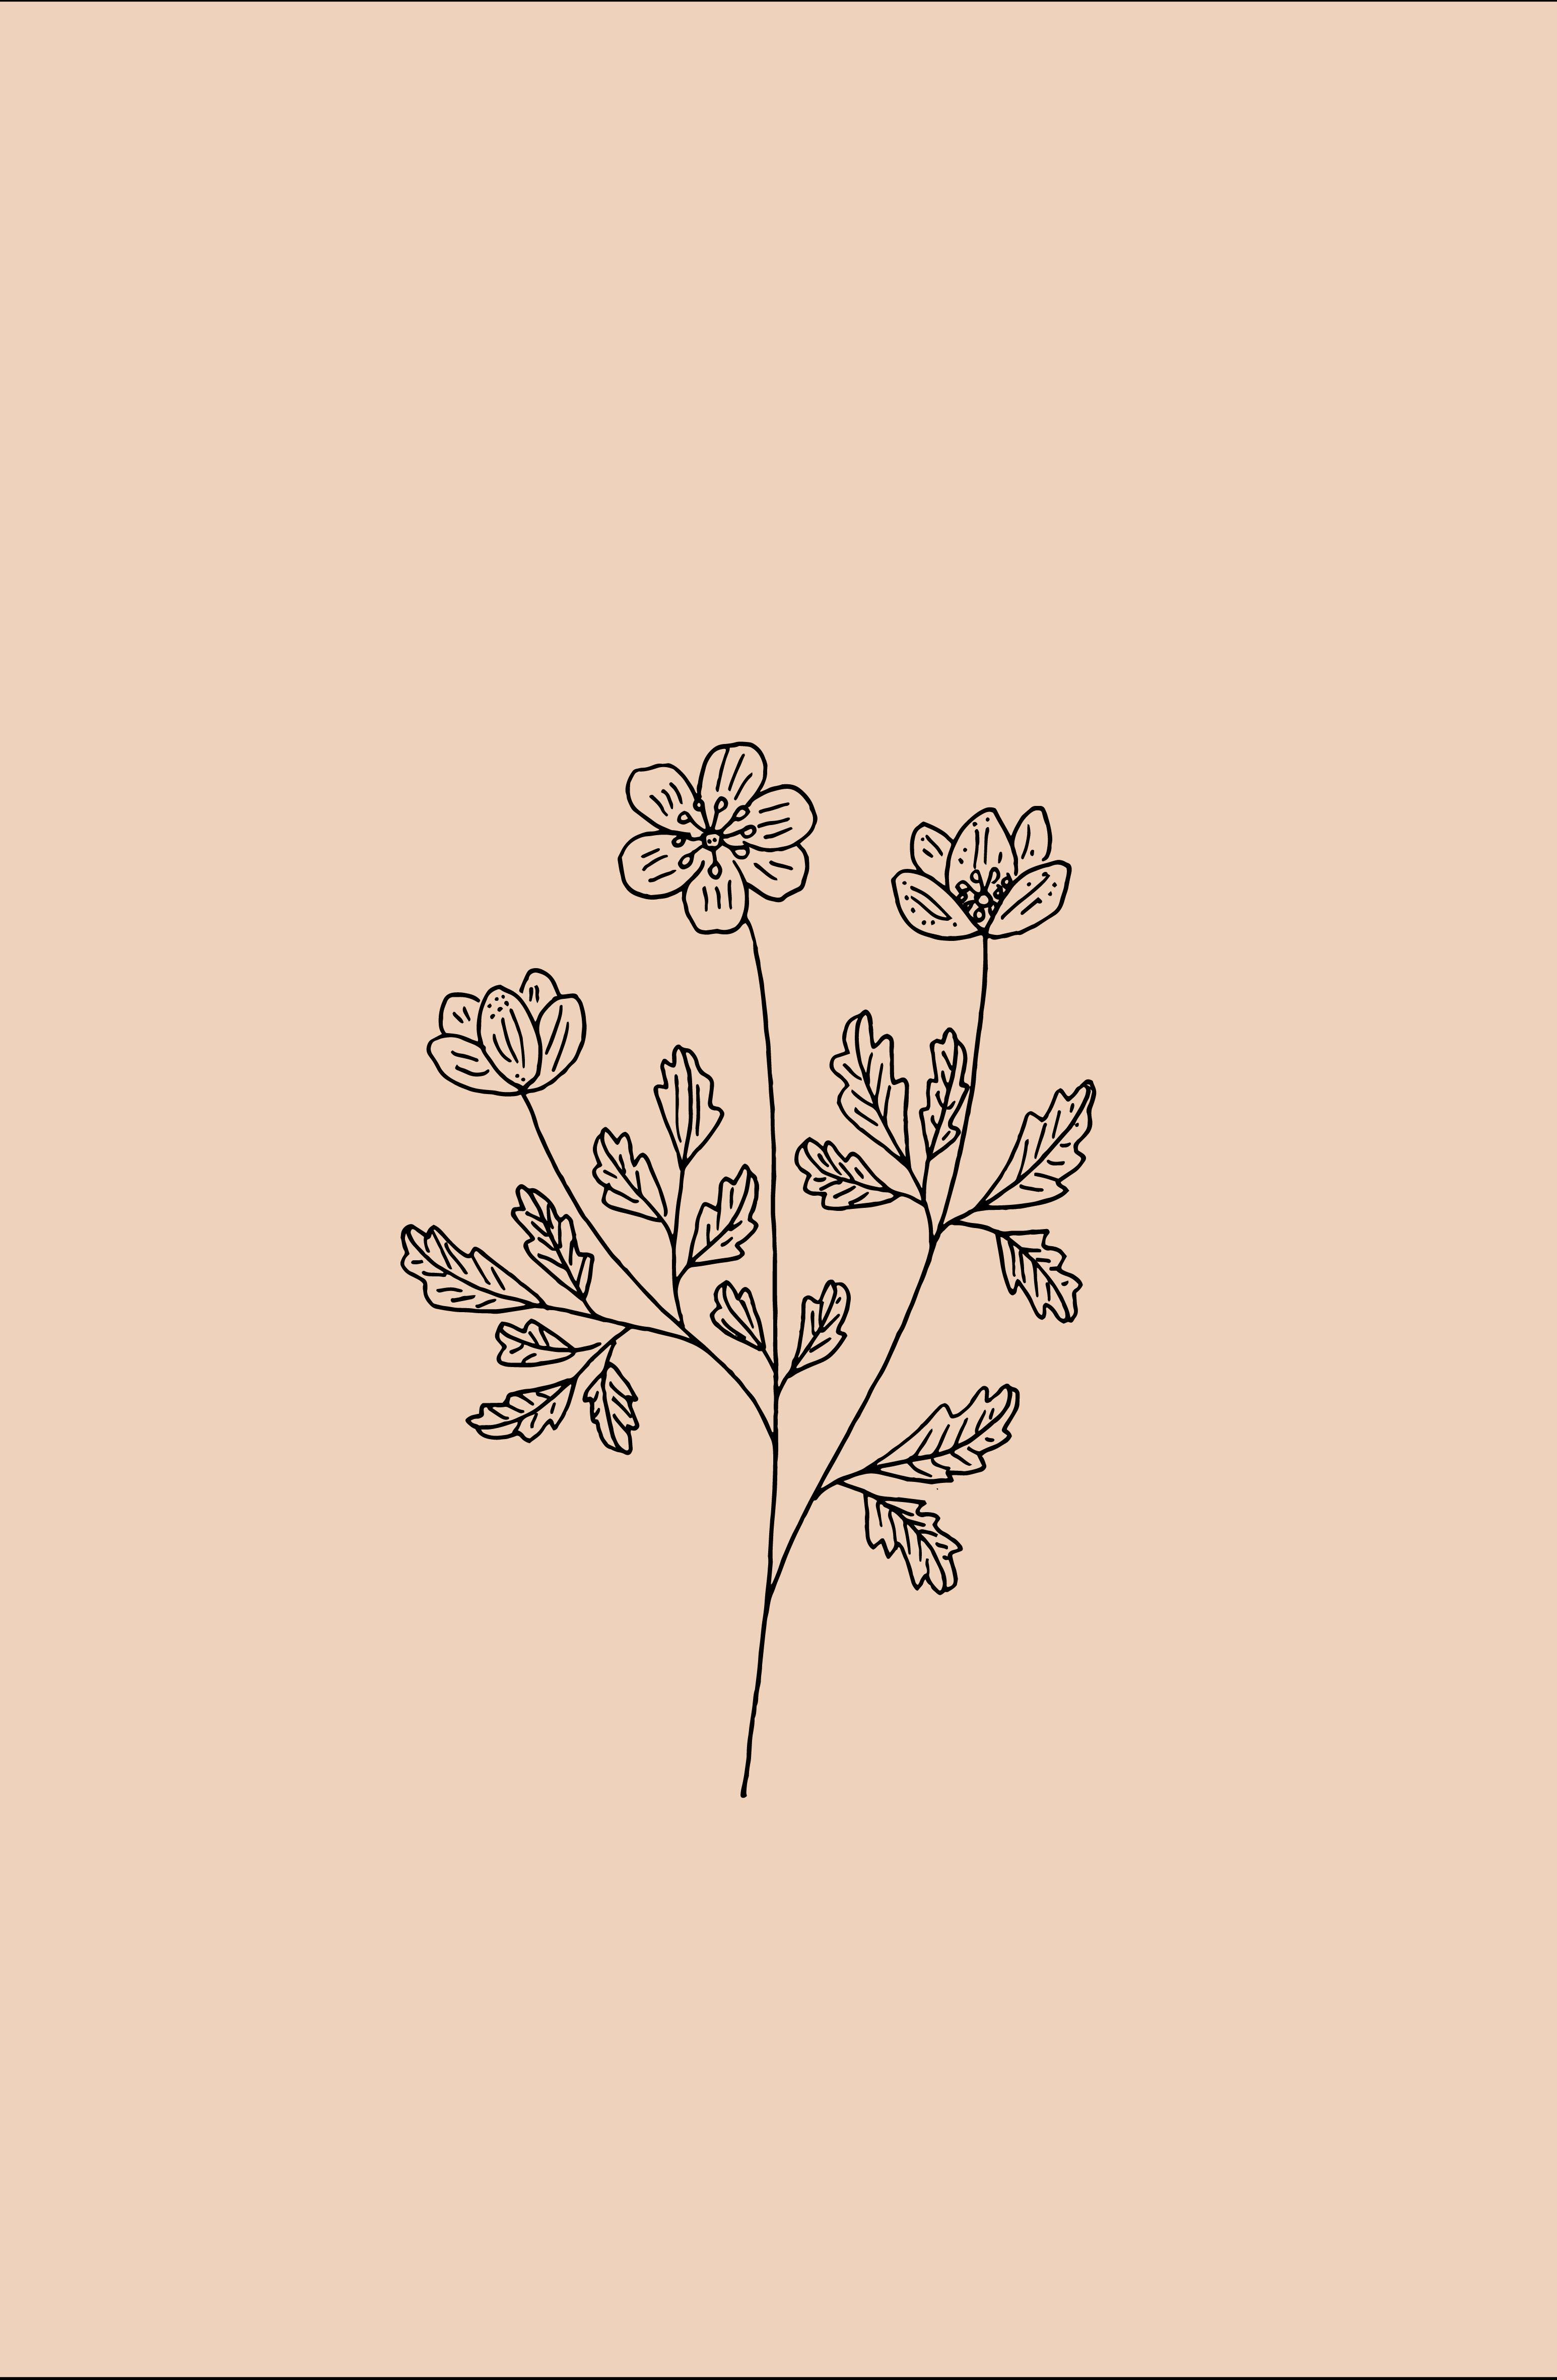 6c00ff1c1107c598021de03a1176e3b0 » Aesthetic Flower Drawing